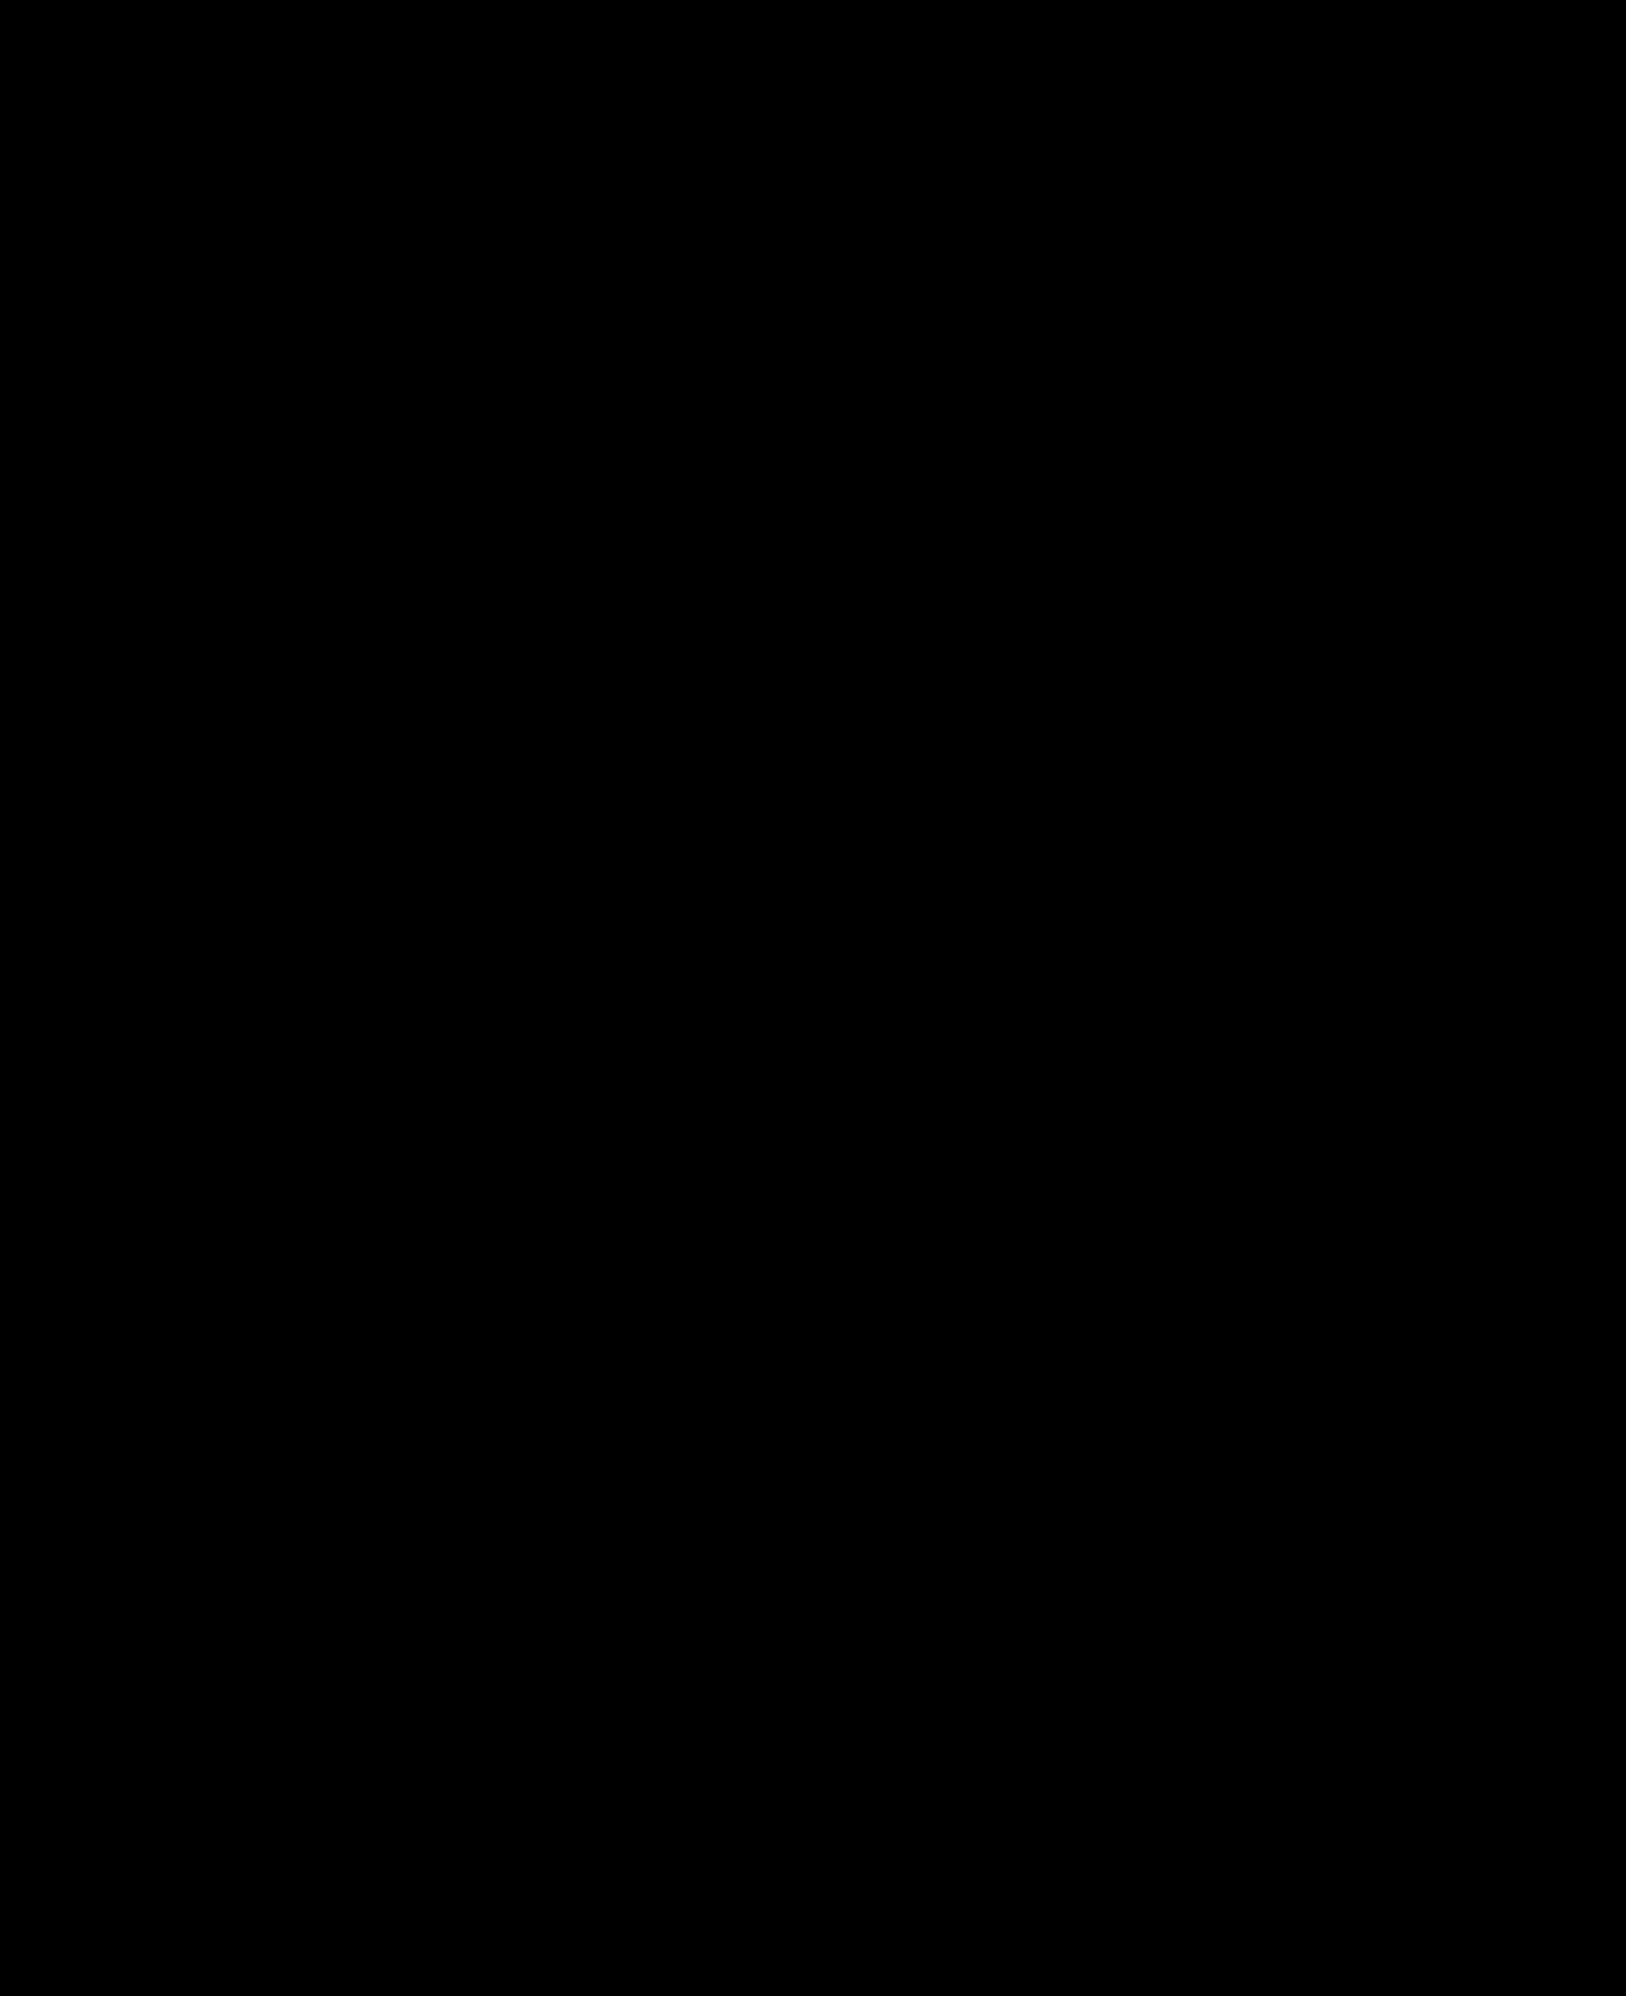 nucleicacids